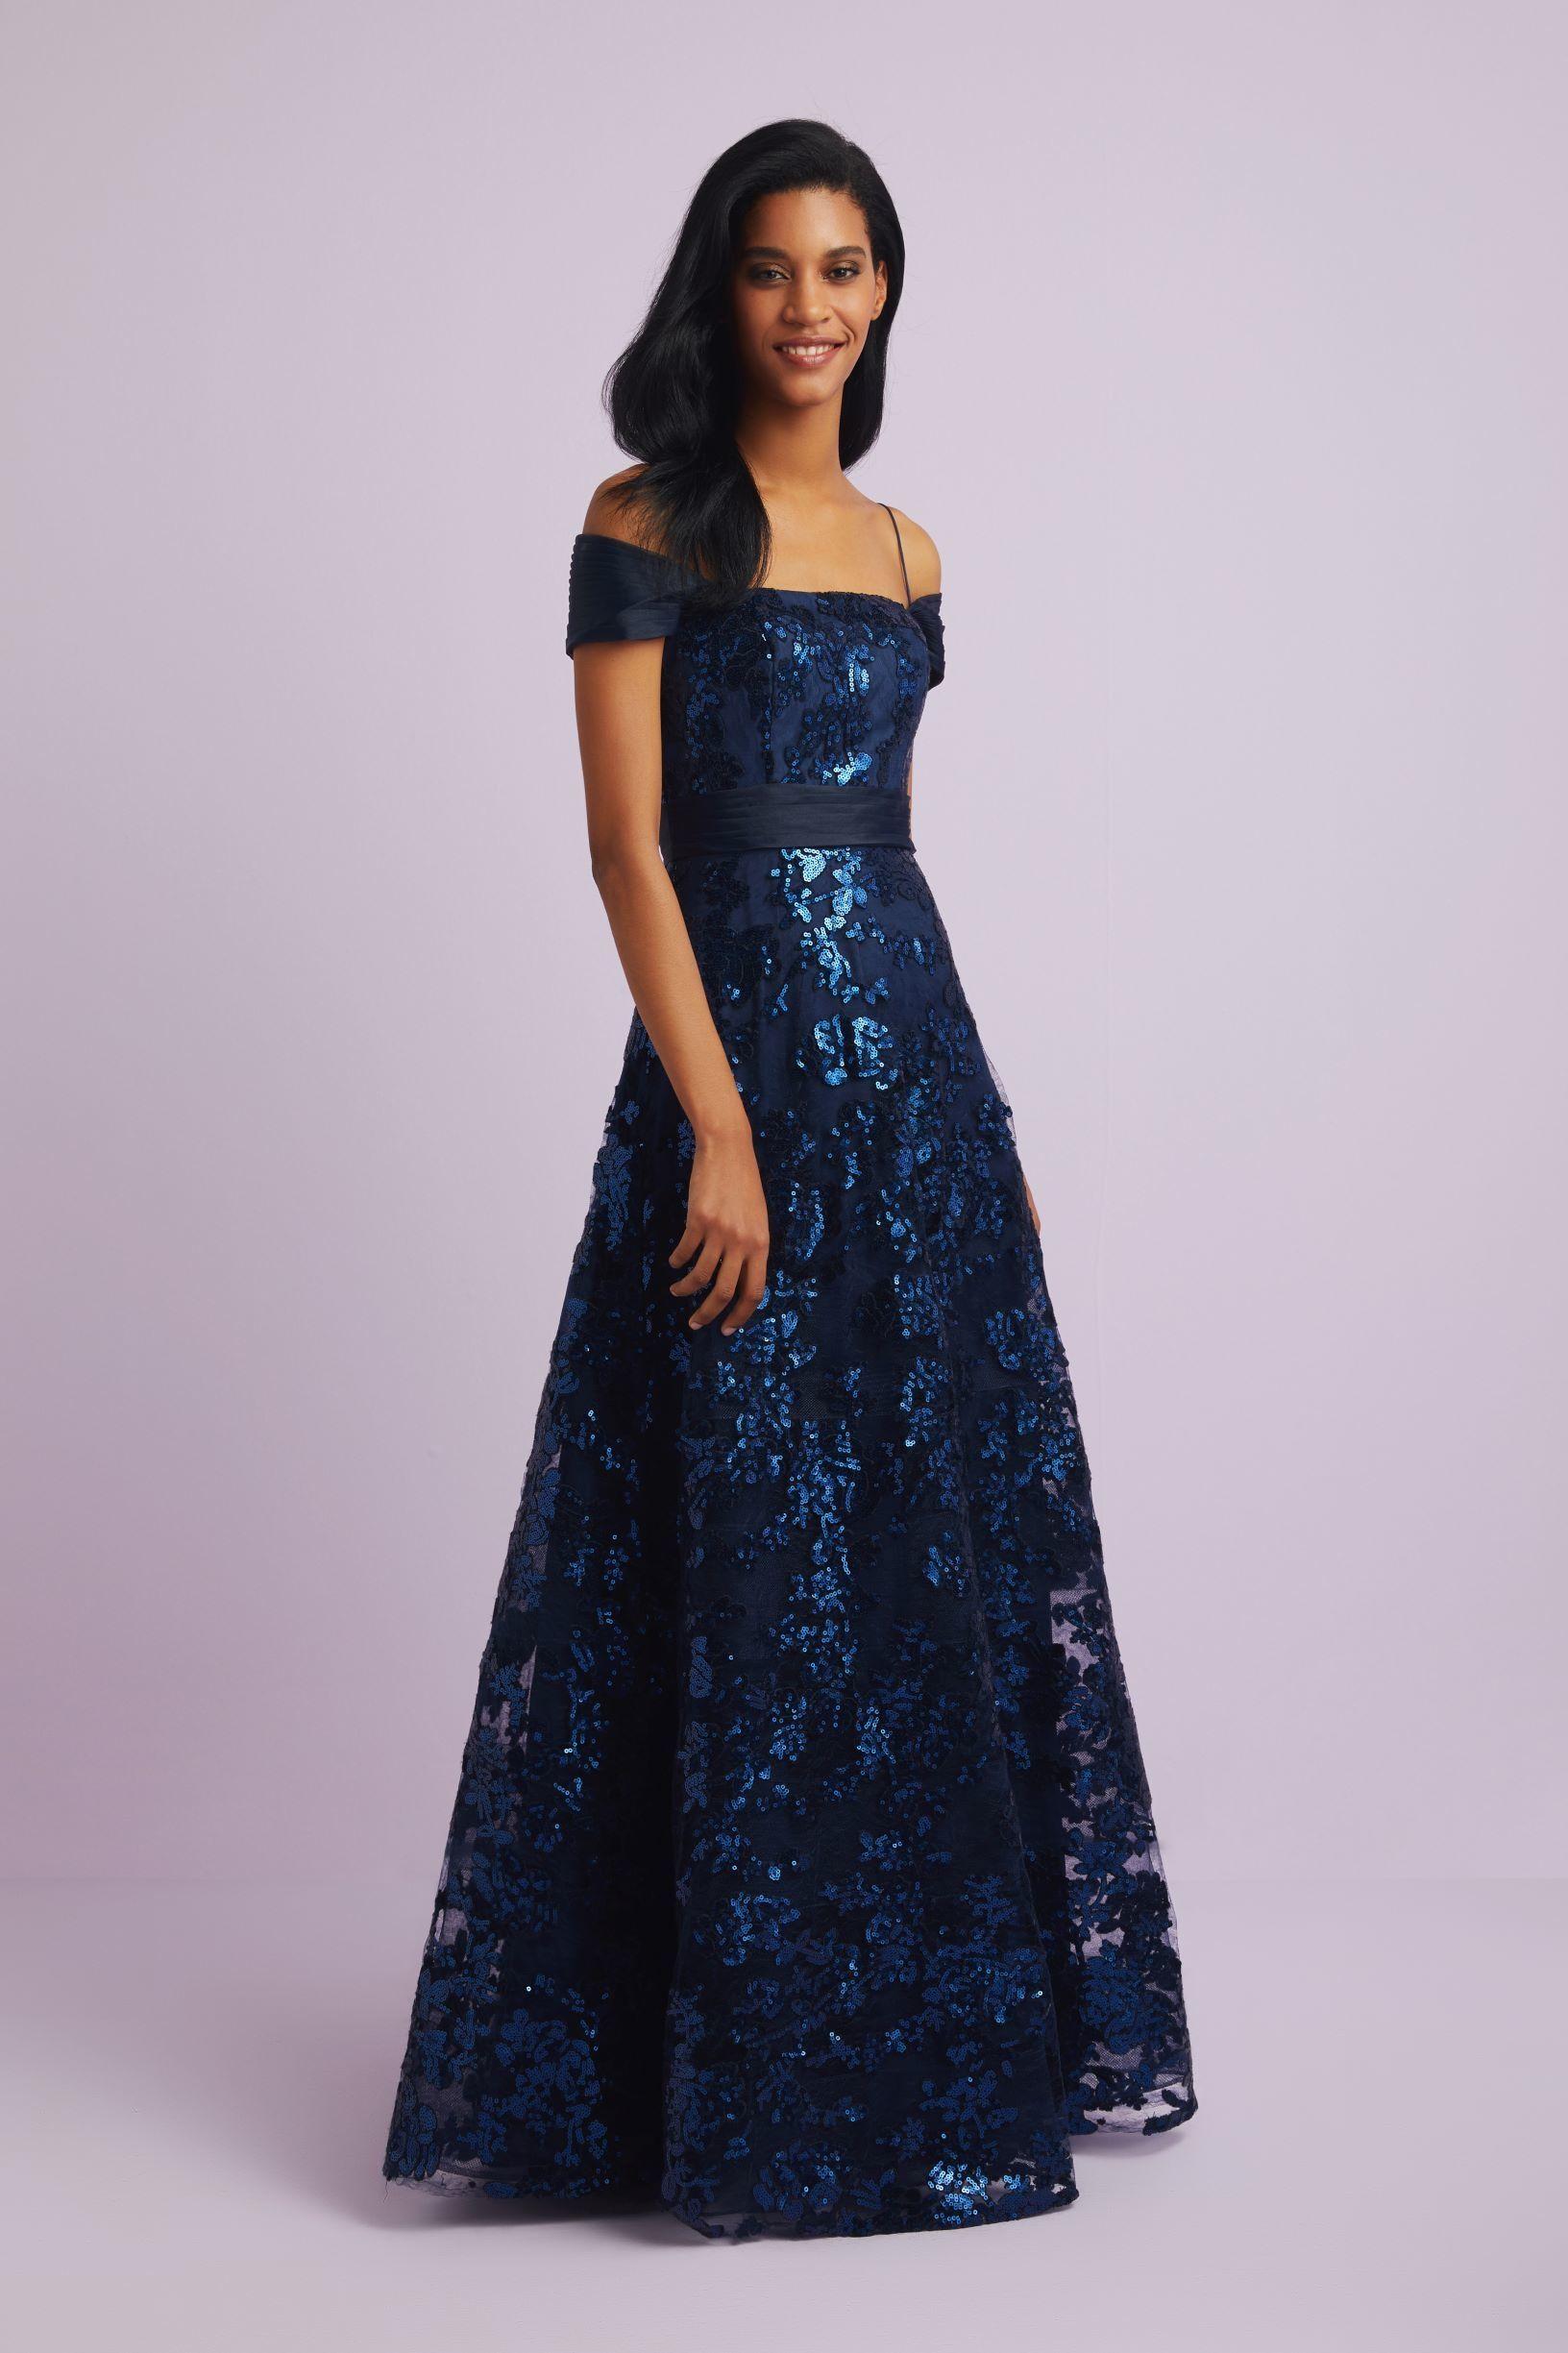 Payet Islemeli Askili Lacivert Abiye Elbise Oleg Cassini 2020 Elbise Balo Elbisesi The Dress